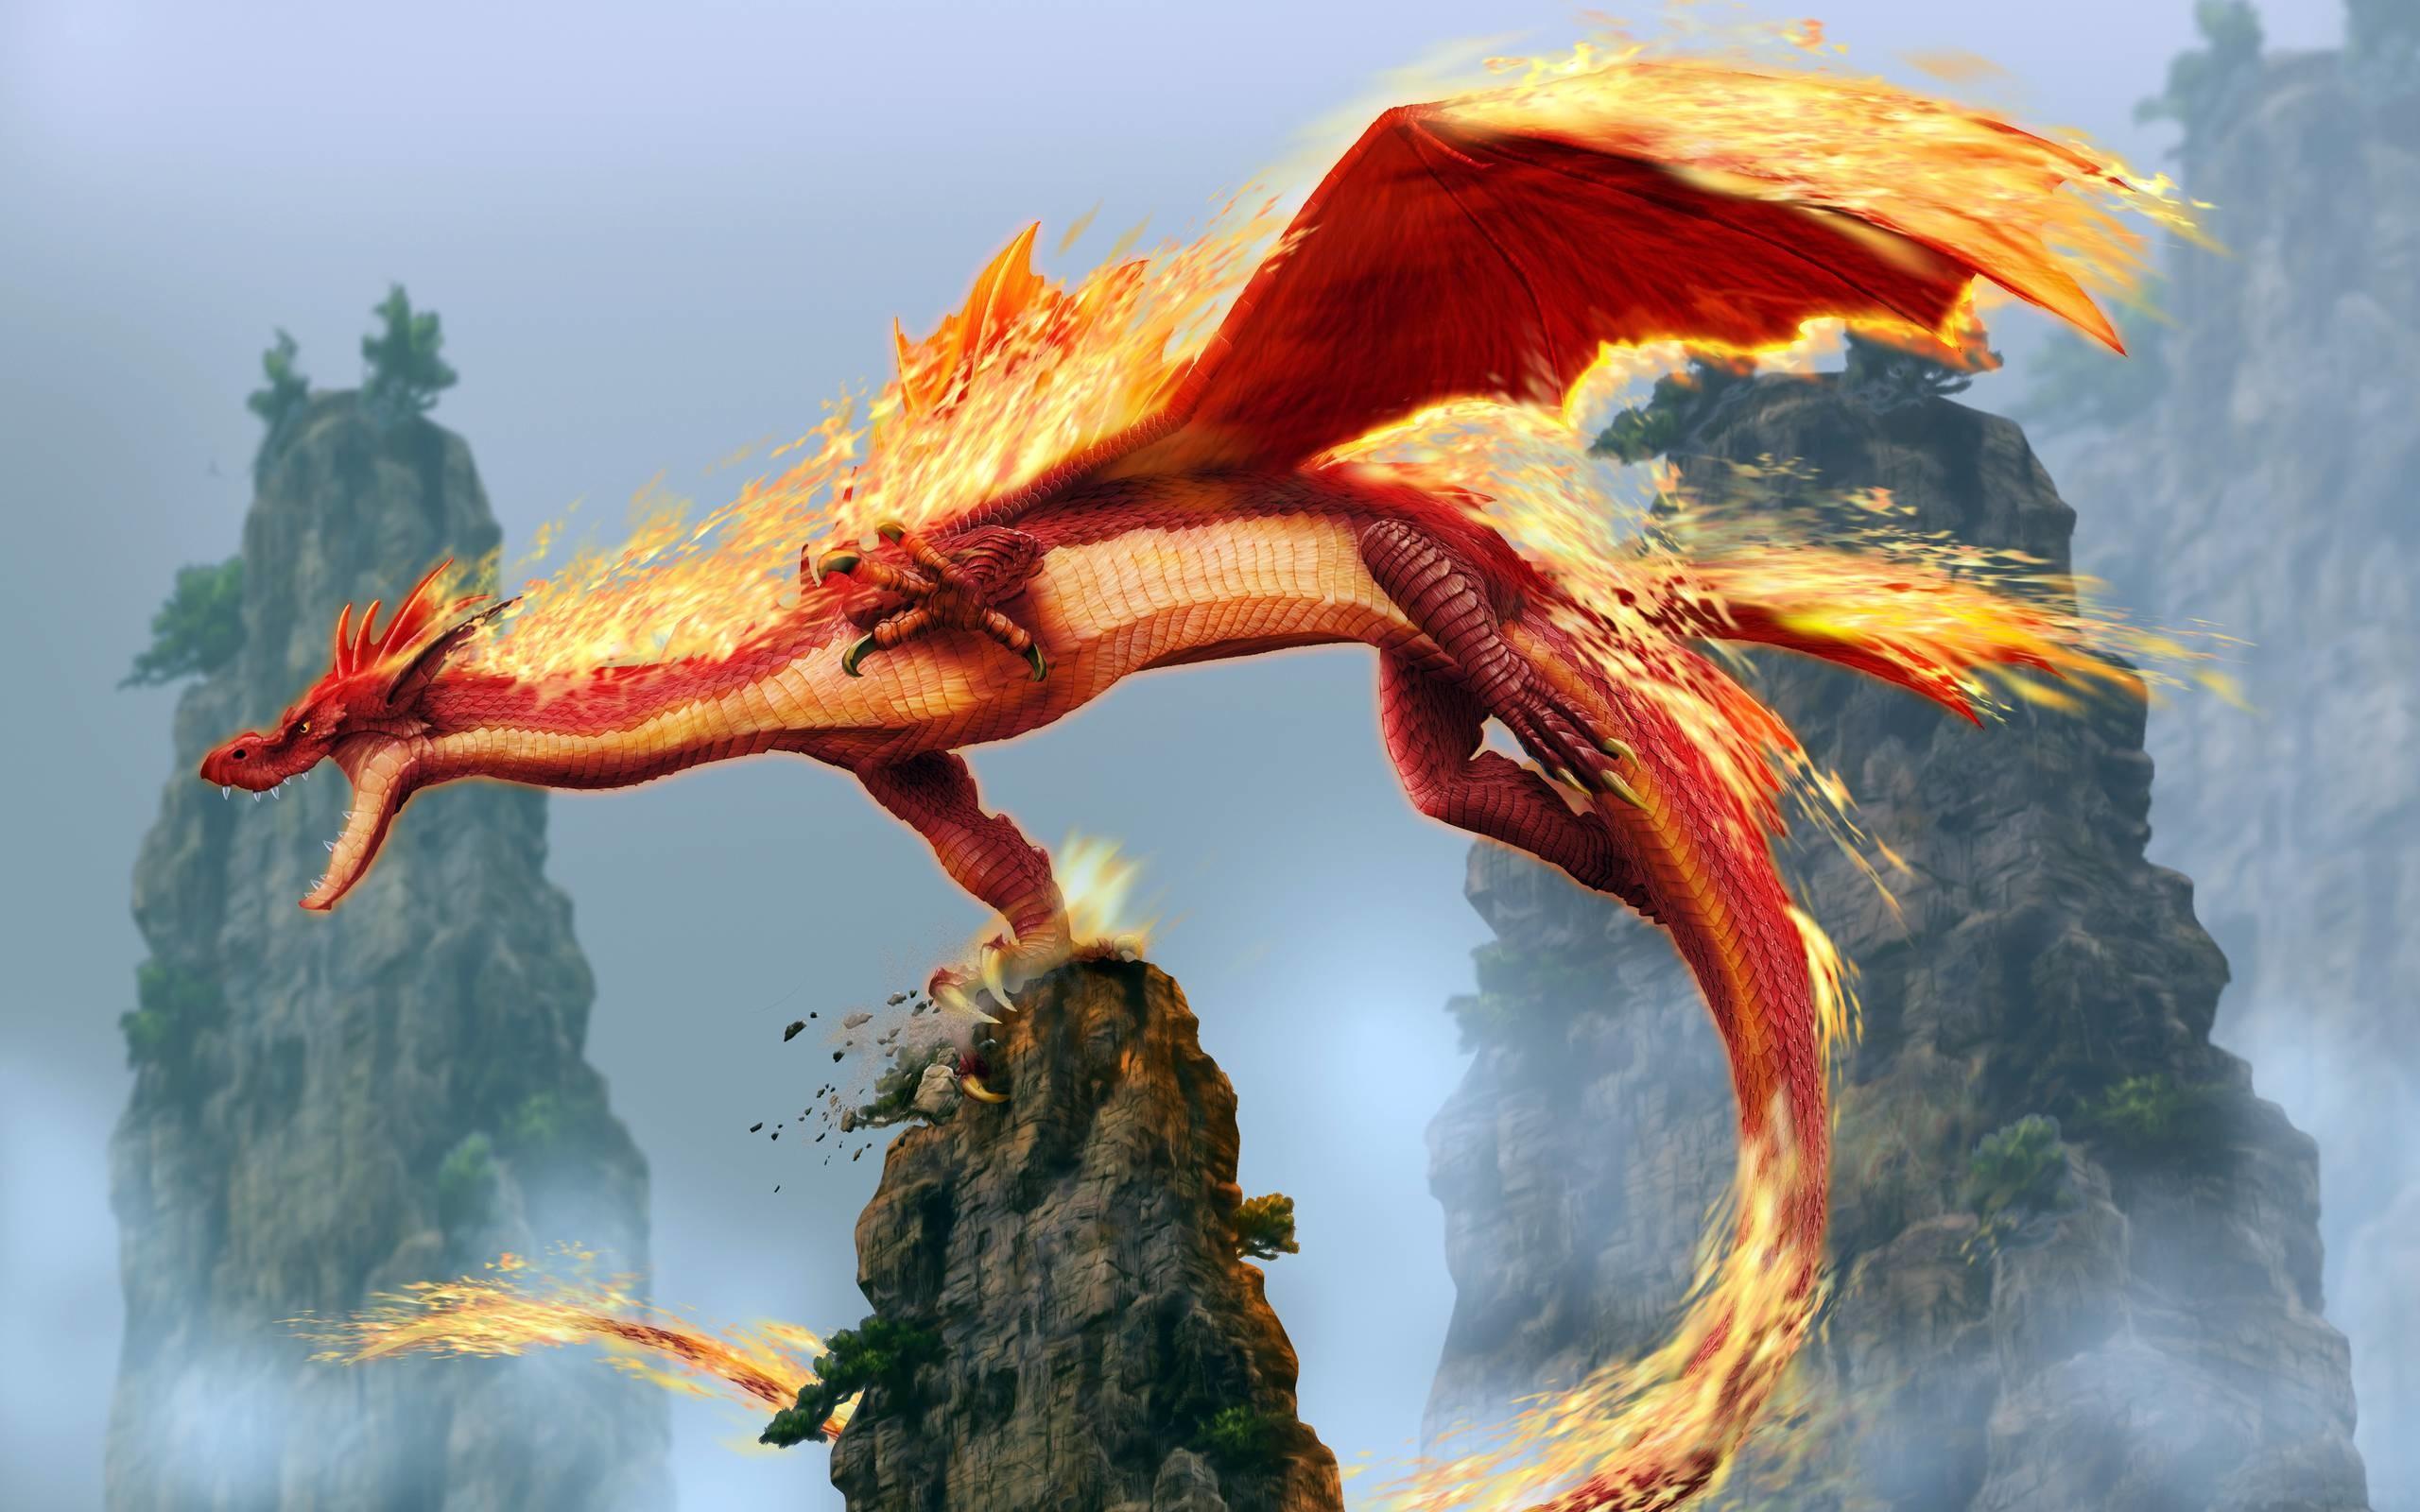 Full HD Dragon wallpaper – Splendid Wallpaper HD